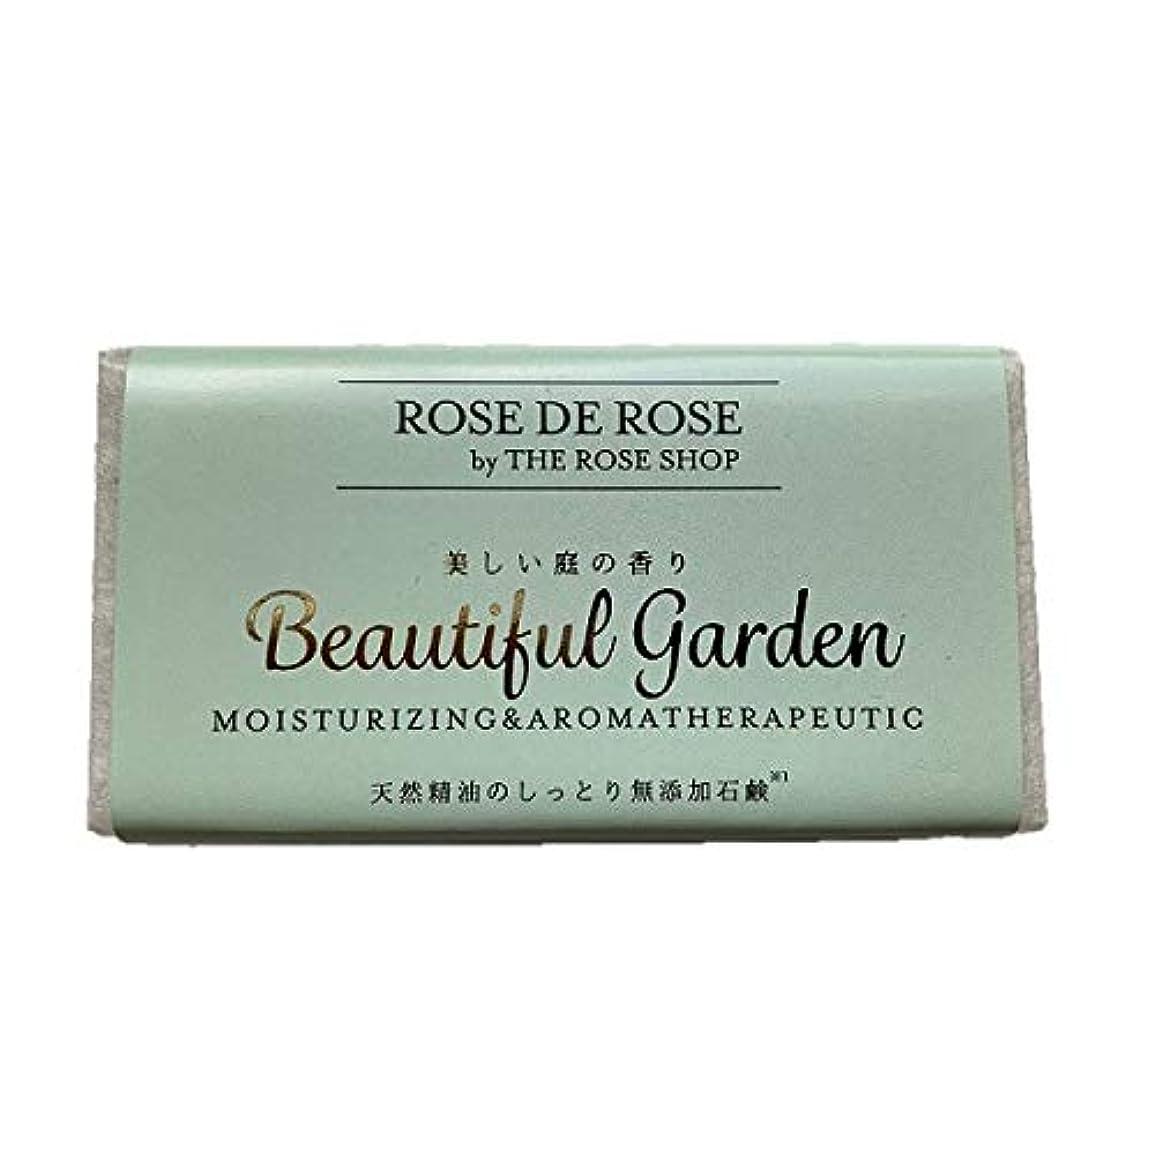 治す項目ファウル天然精油の無添加石鹸 「美しい庭の香り ビューティフルガーデン」